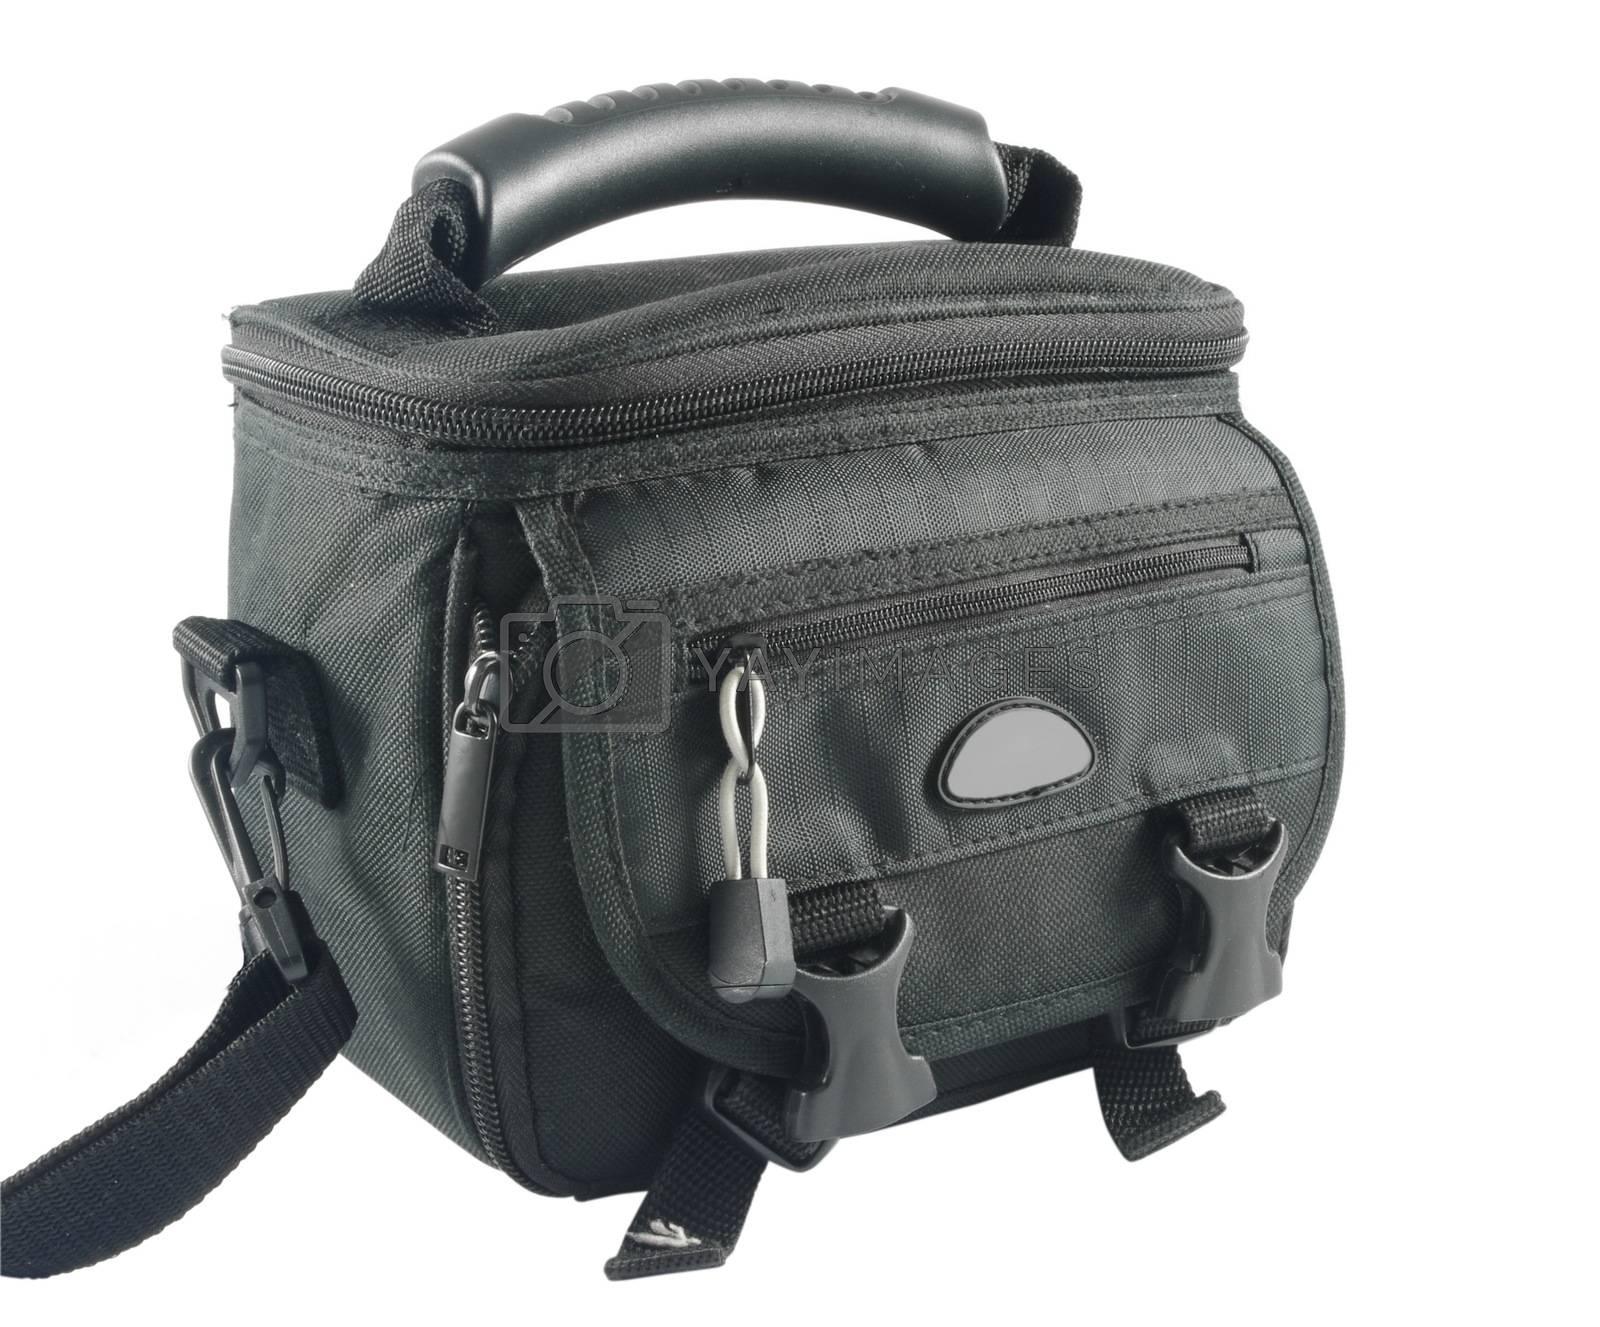 Closeup of black camera bag over white background